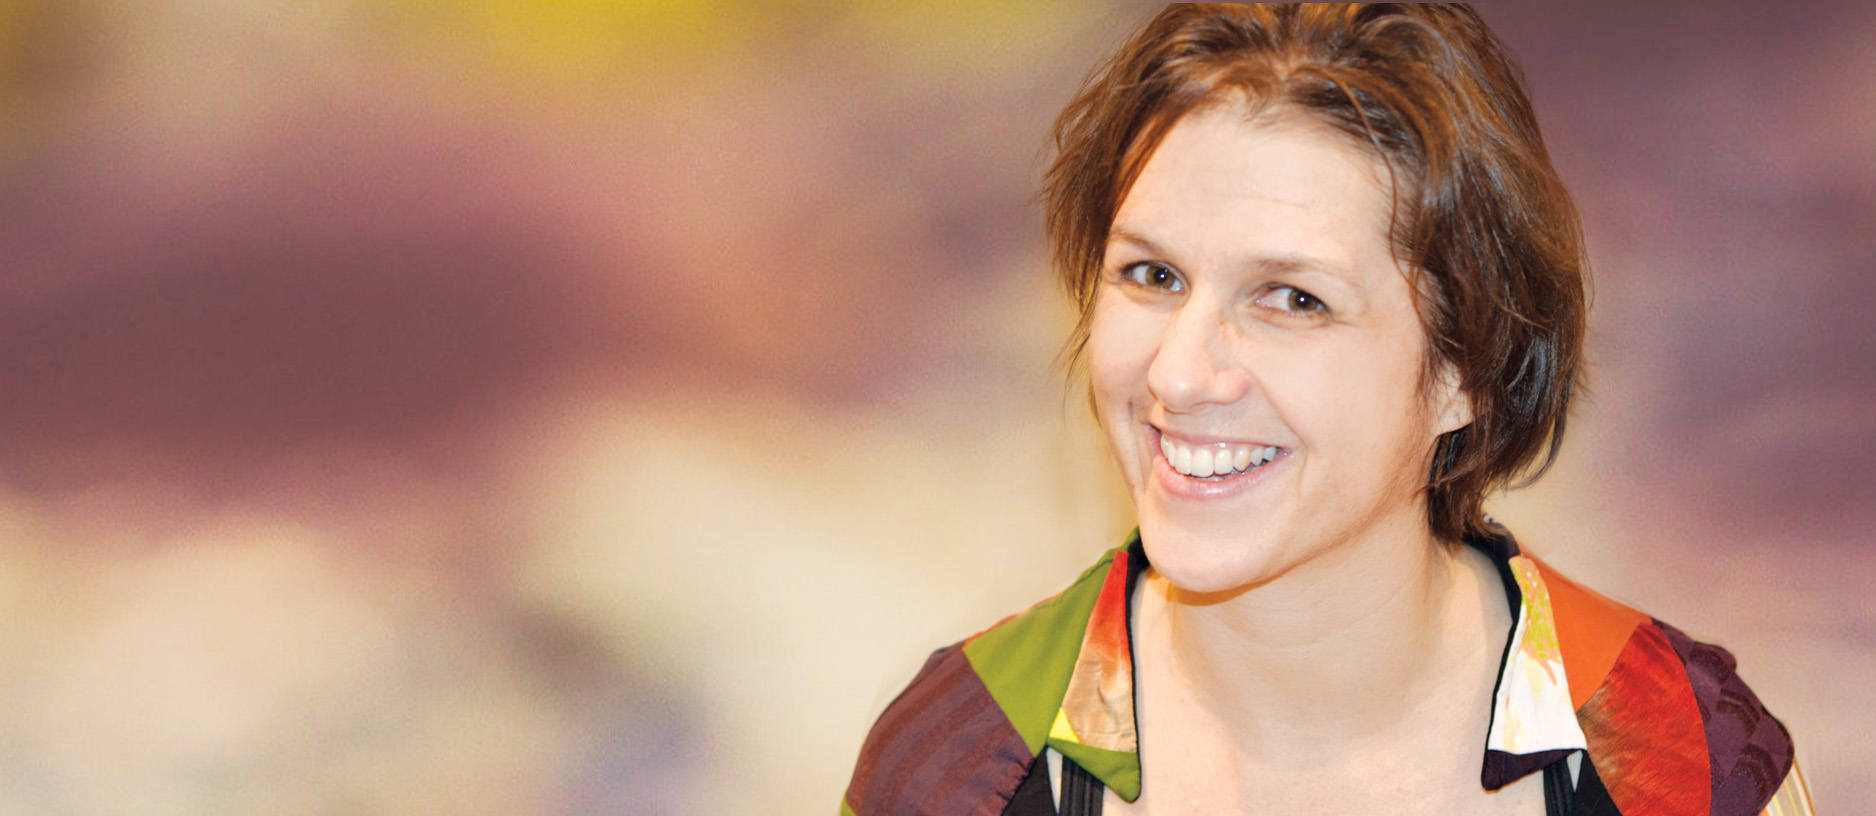 Biographie de Geneviève Goulet Acupuncture